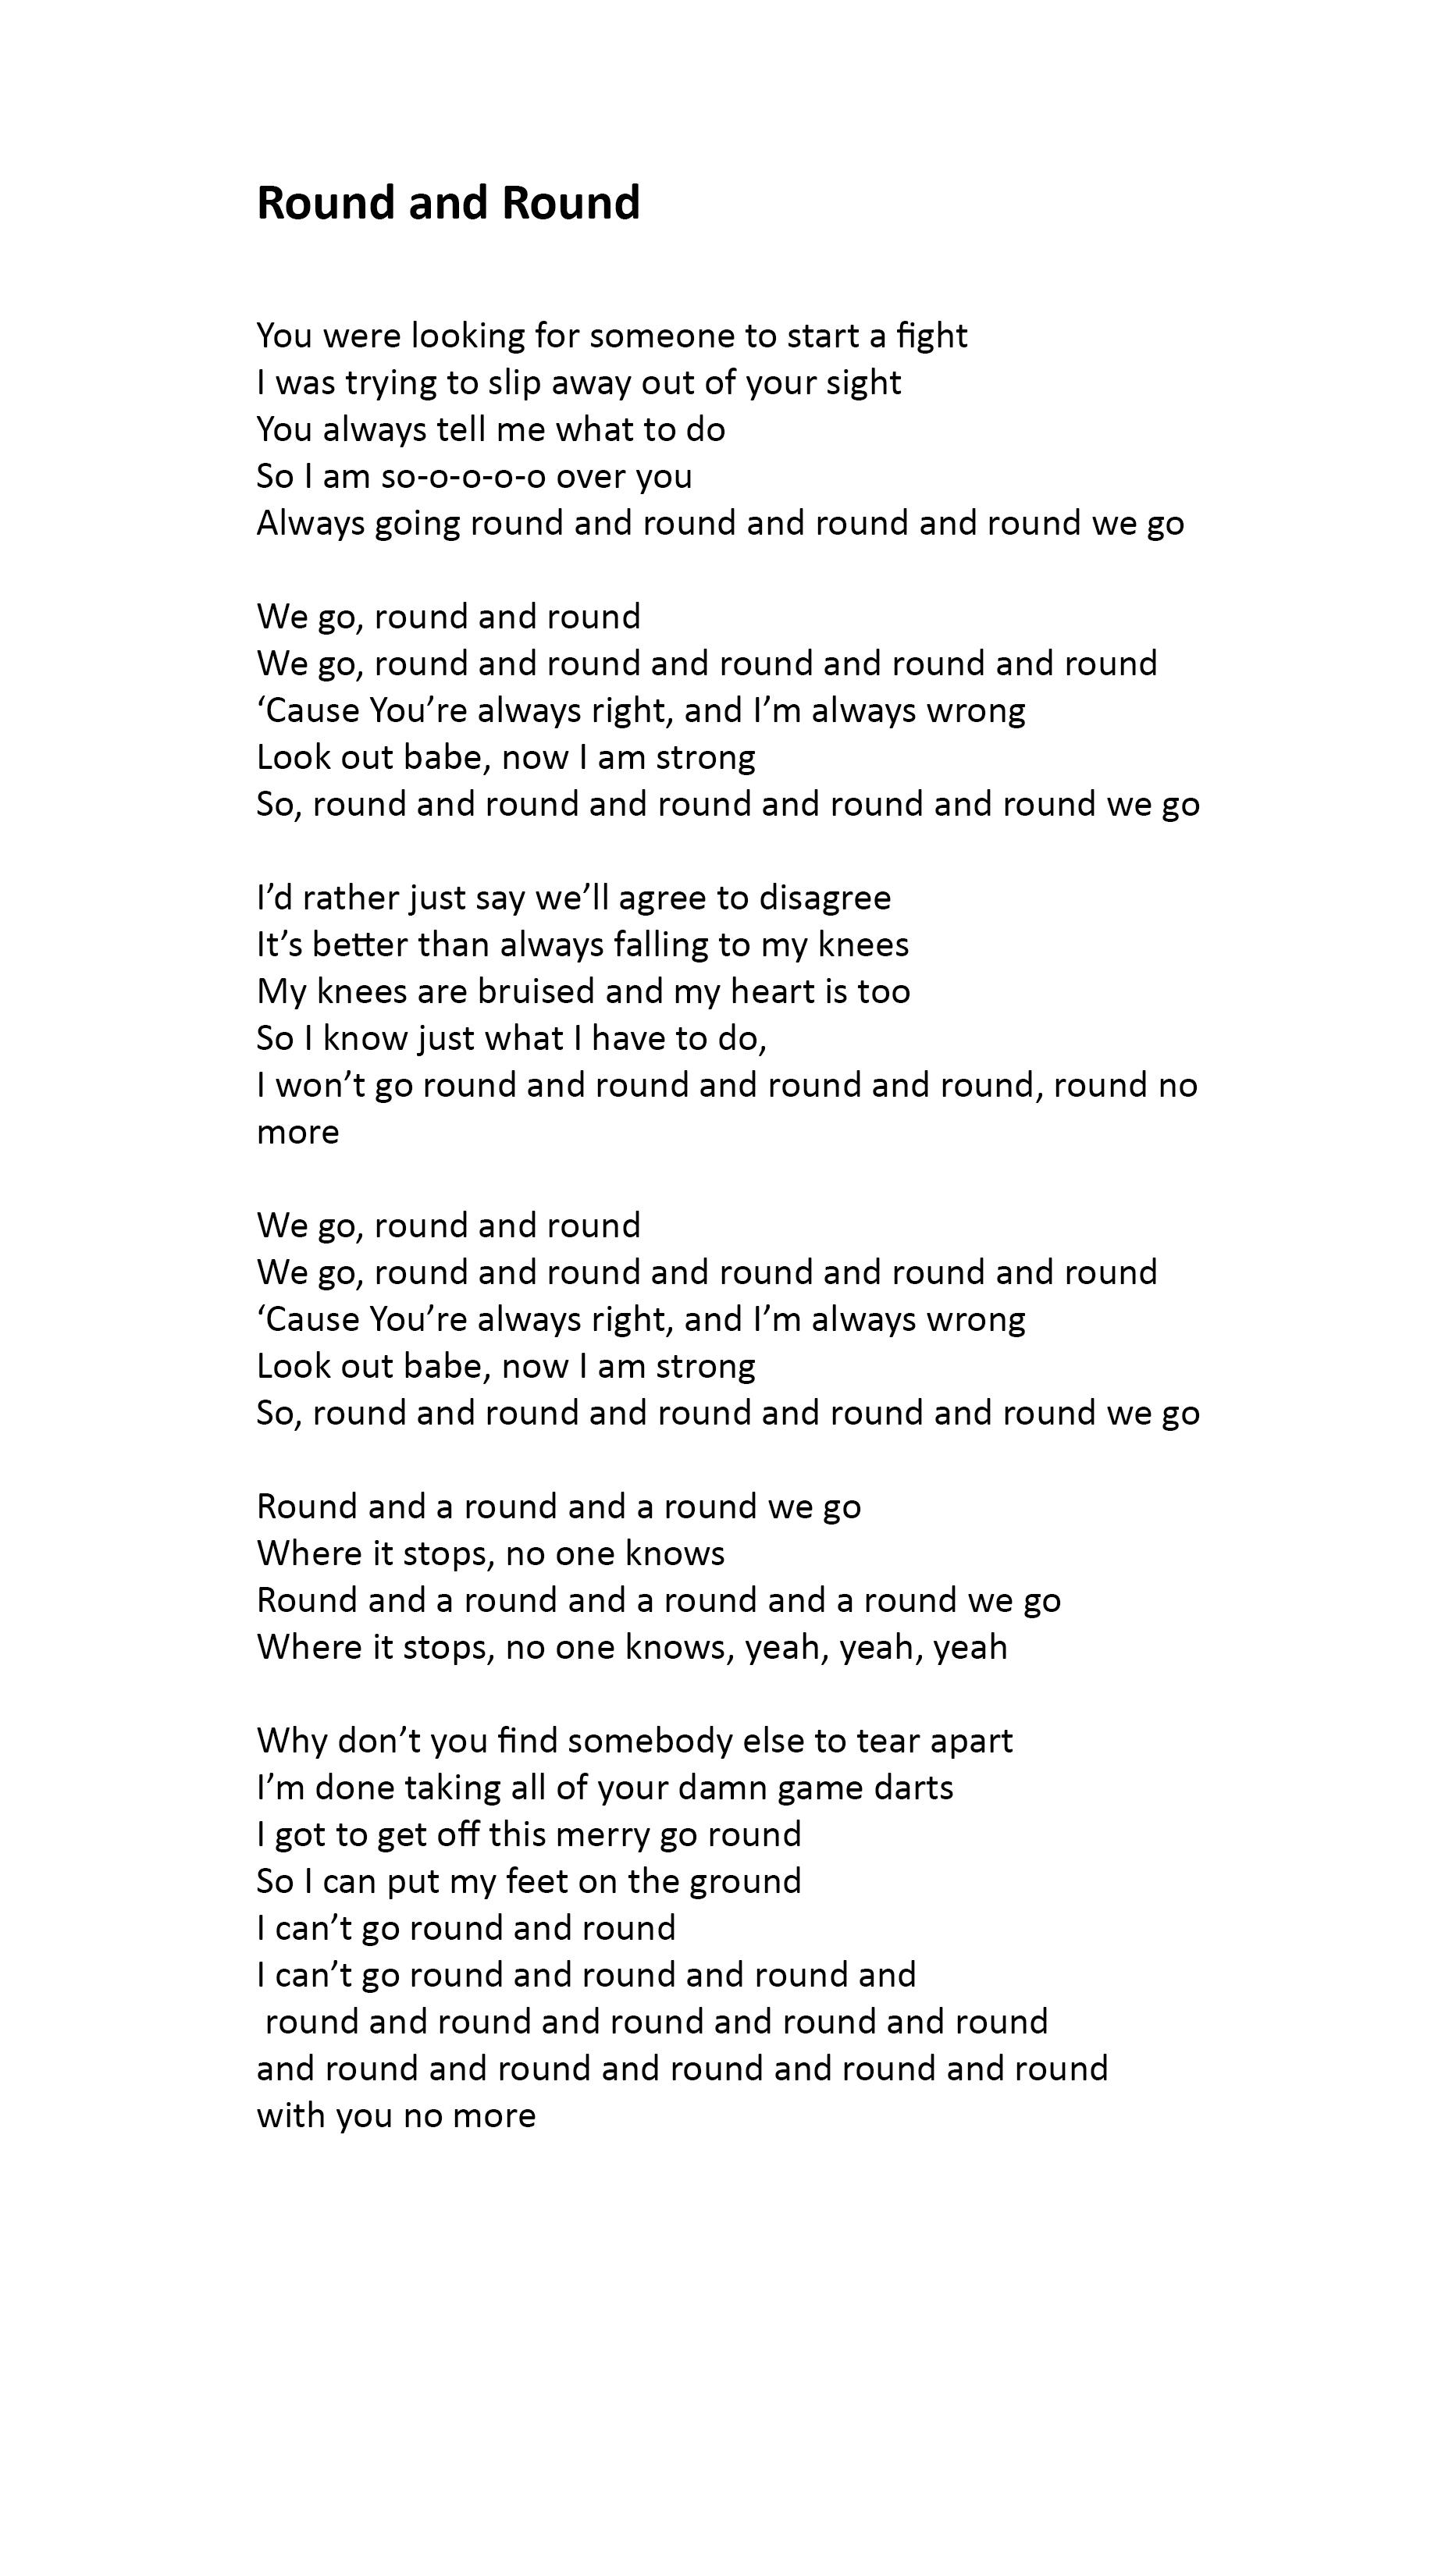 Round and Round Lyrics.jpg